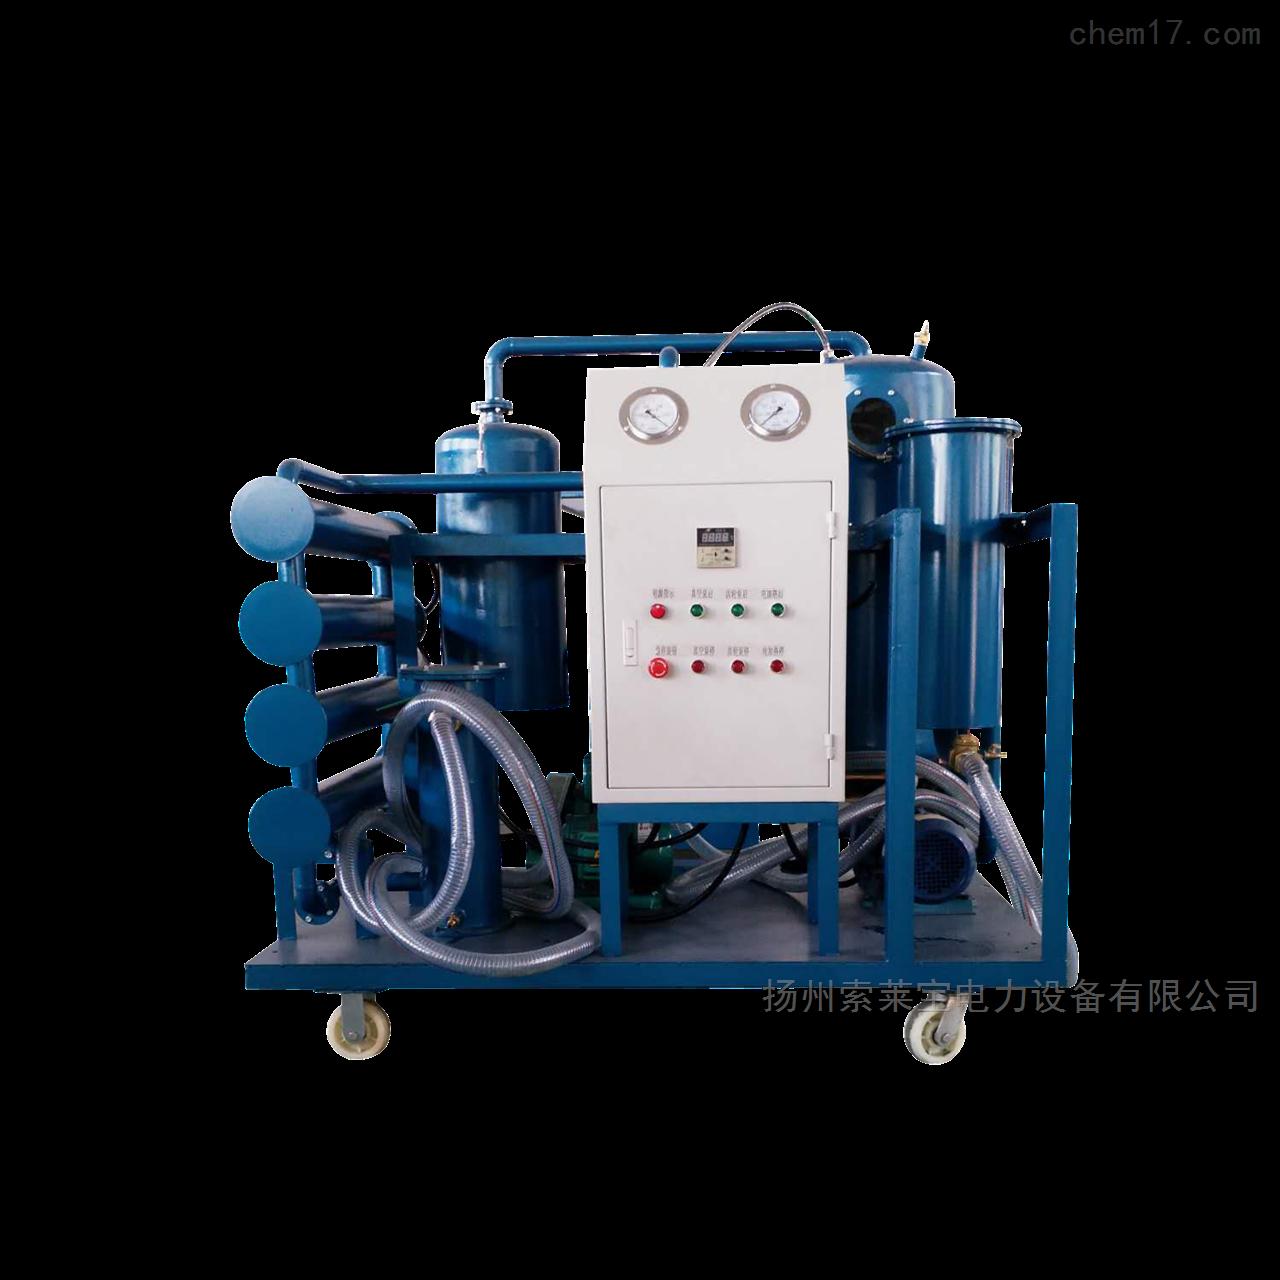 四级承修真空滤油机 高效真空多功能净油机